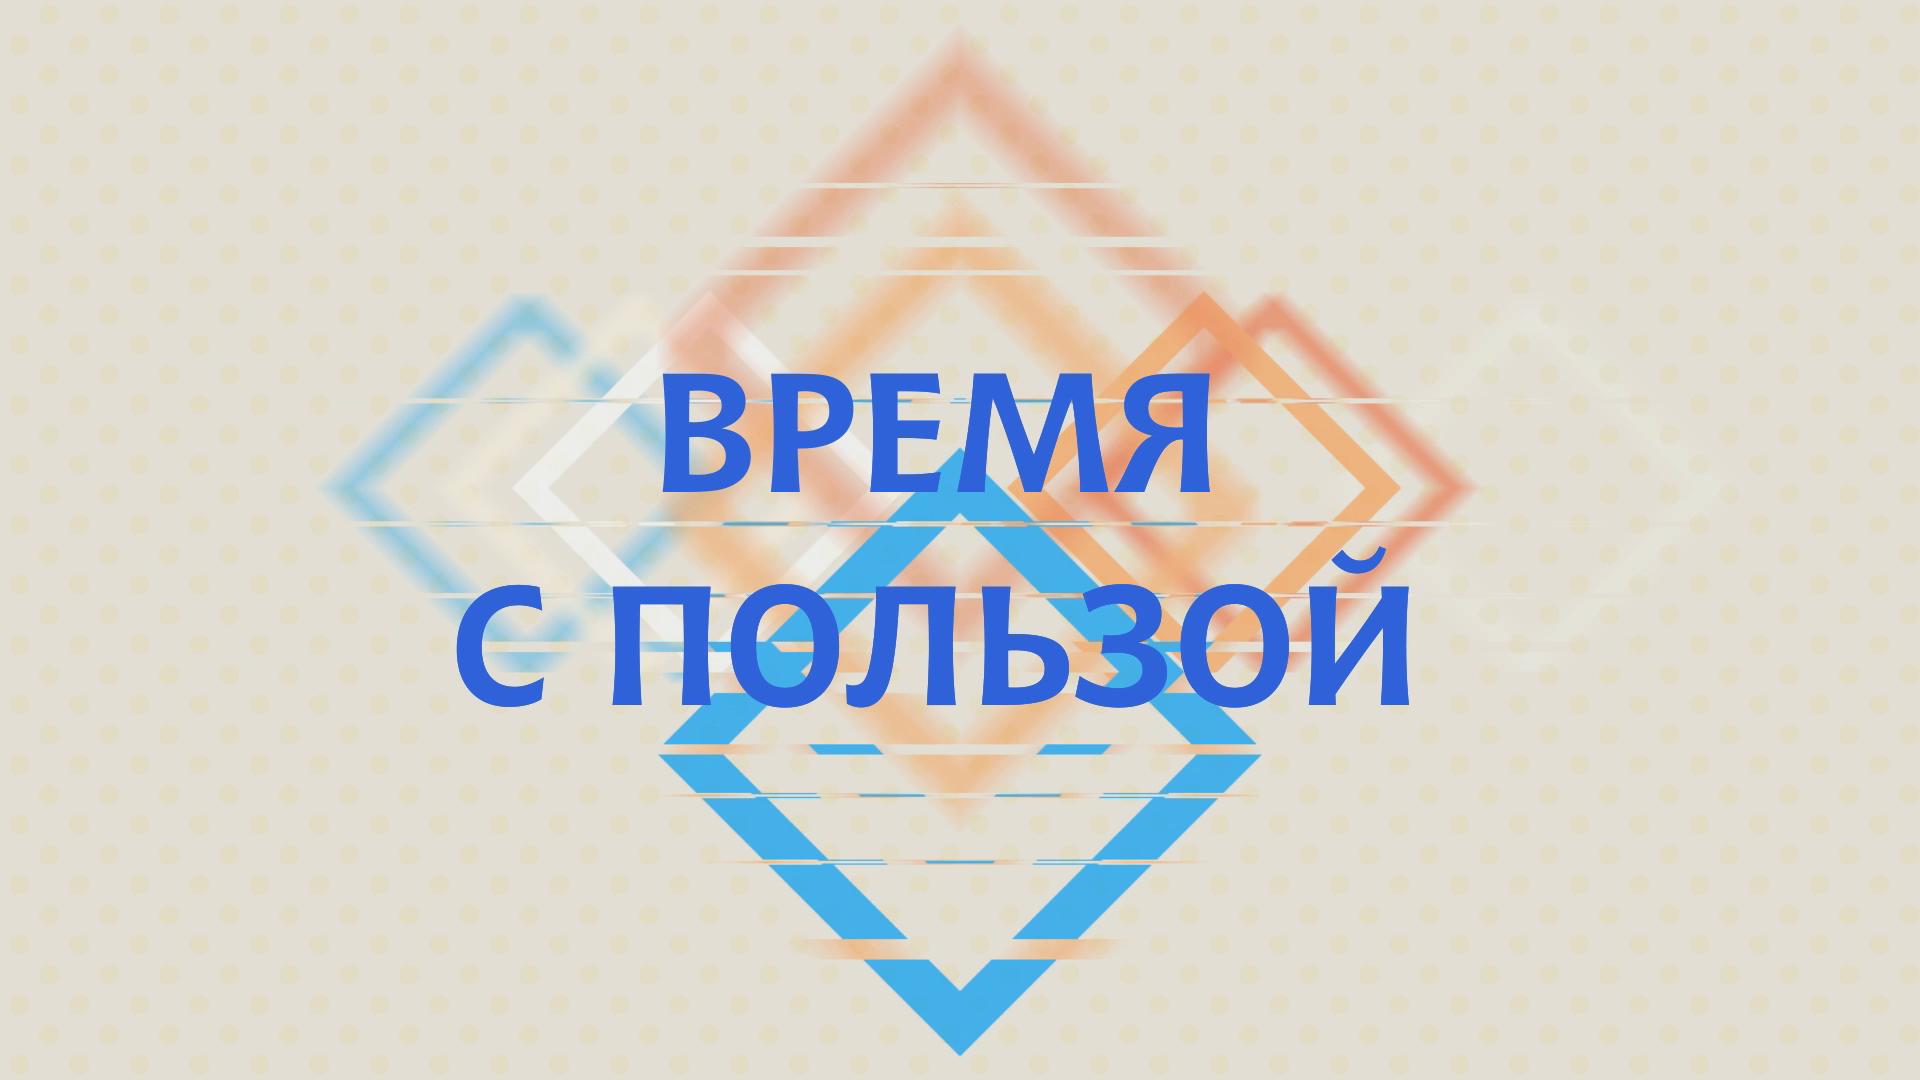 Programme: Совместный проект / Время с пользой